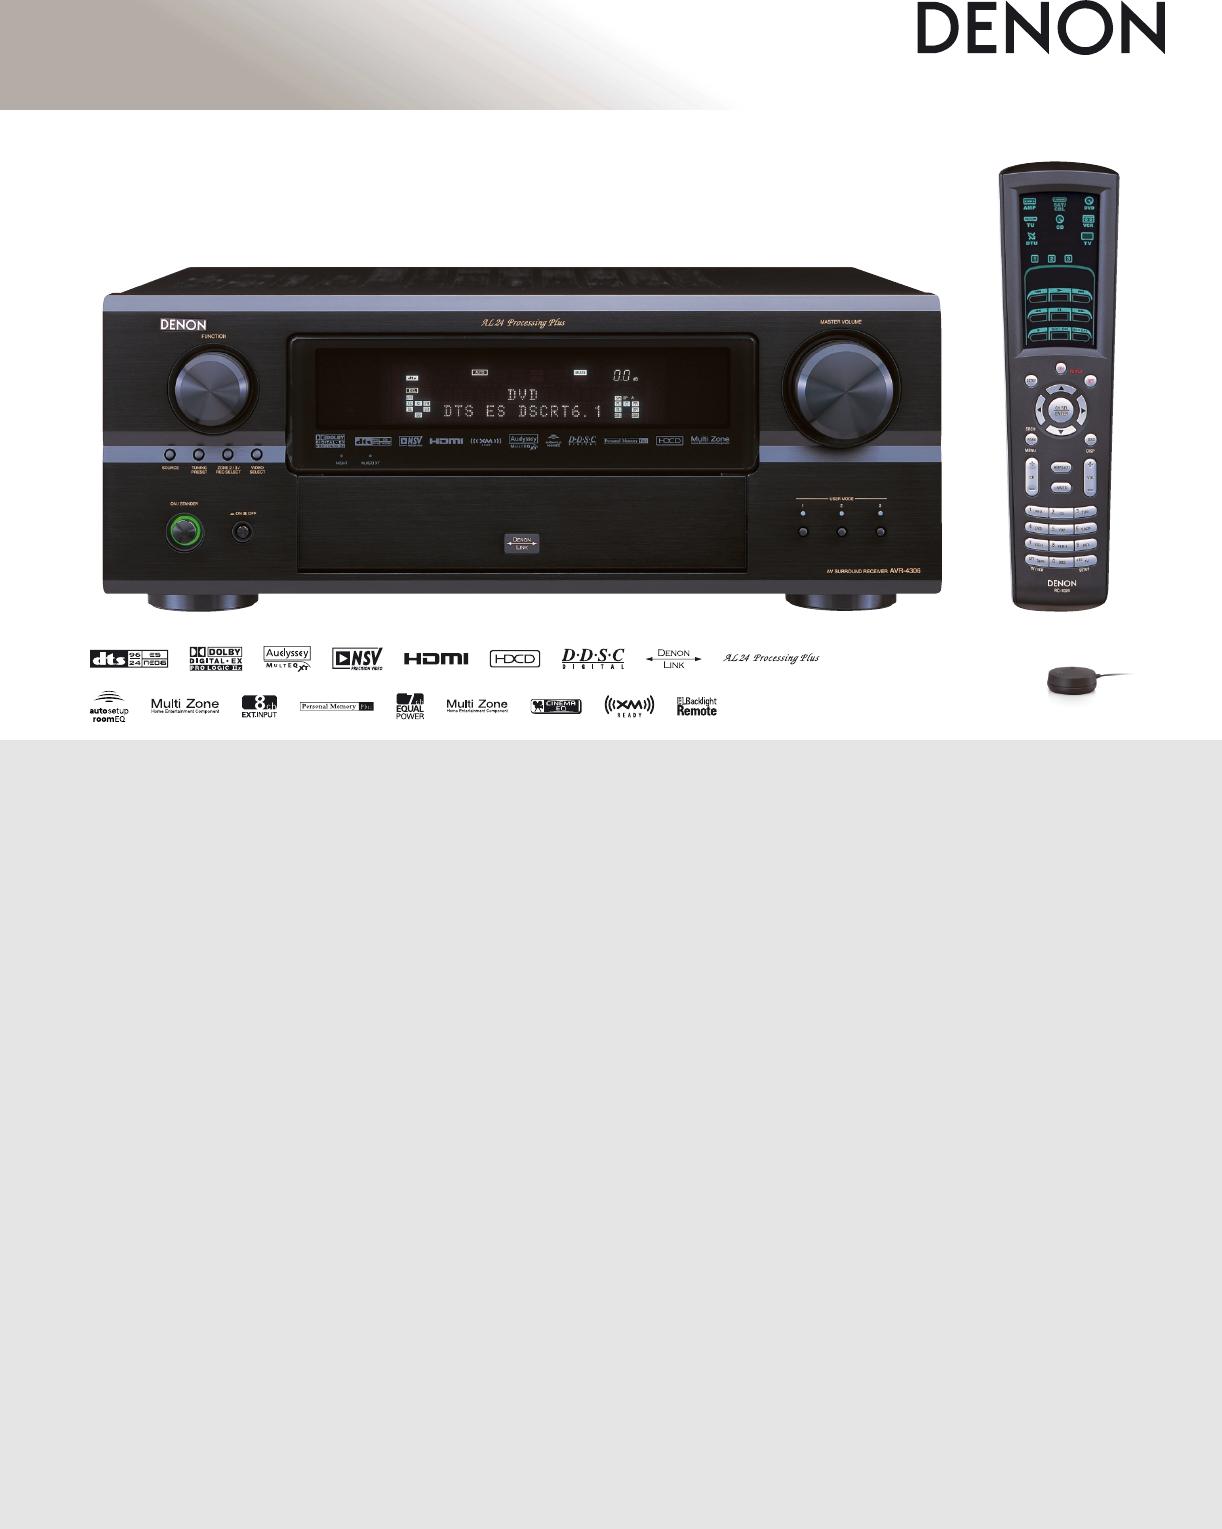 denon stereo system avr 4306 user guide manualsonline com rh audio manualsonline com Denon Audio Amplifier Denon Stereo Amplifier Audio Amp 2200